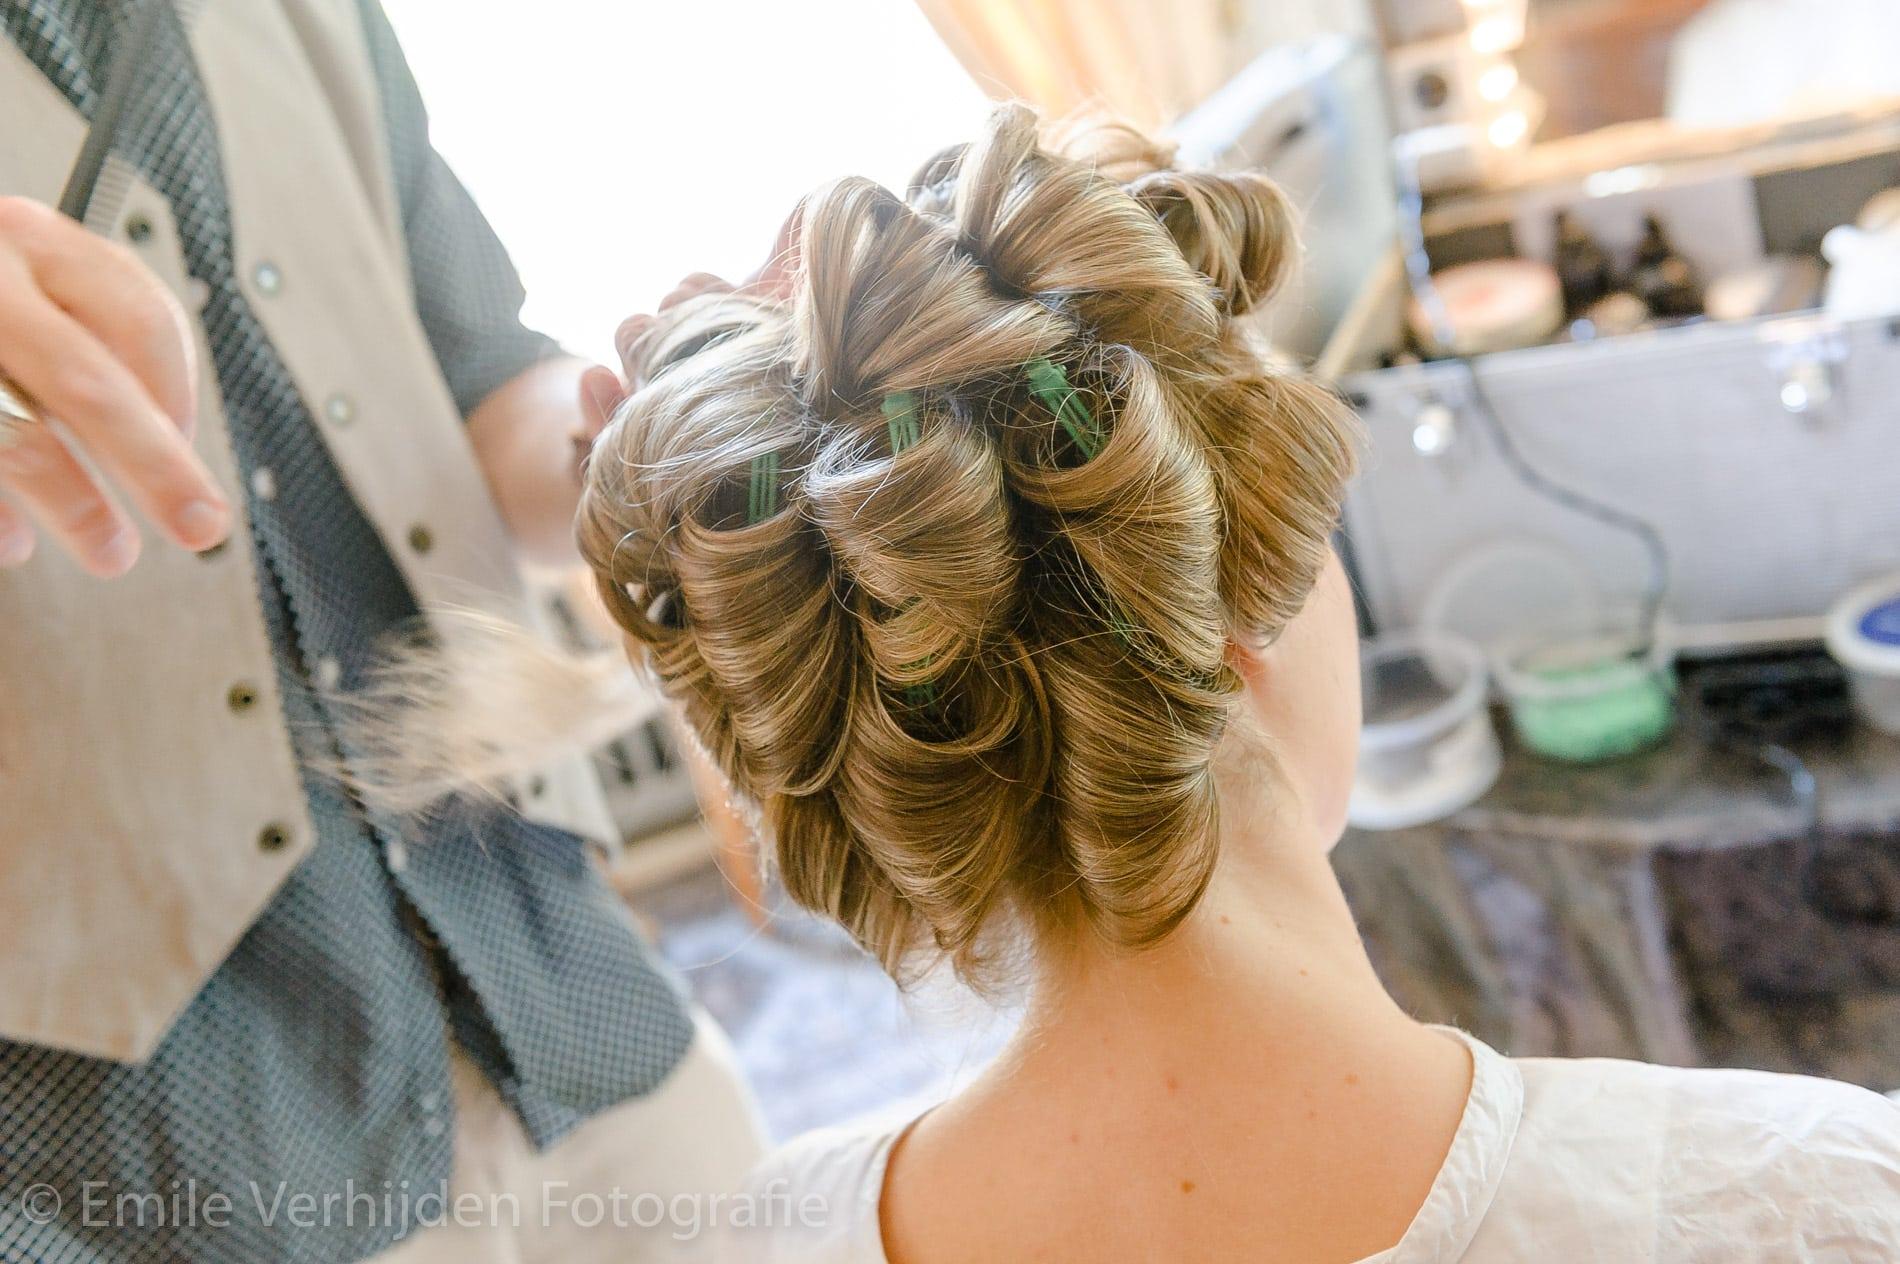 De haren van de bruid zitten helemaal in de krulspelden. Trouwfotograaf Limburg Emile Verhijden